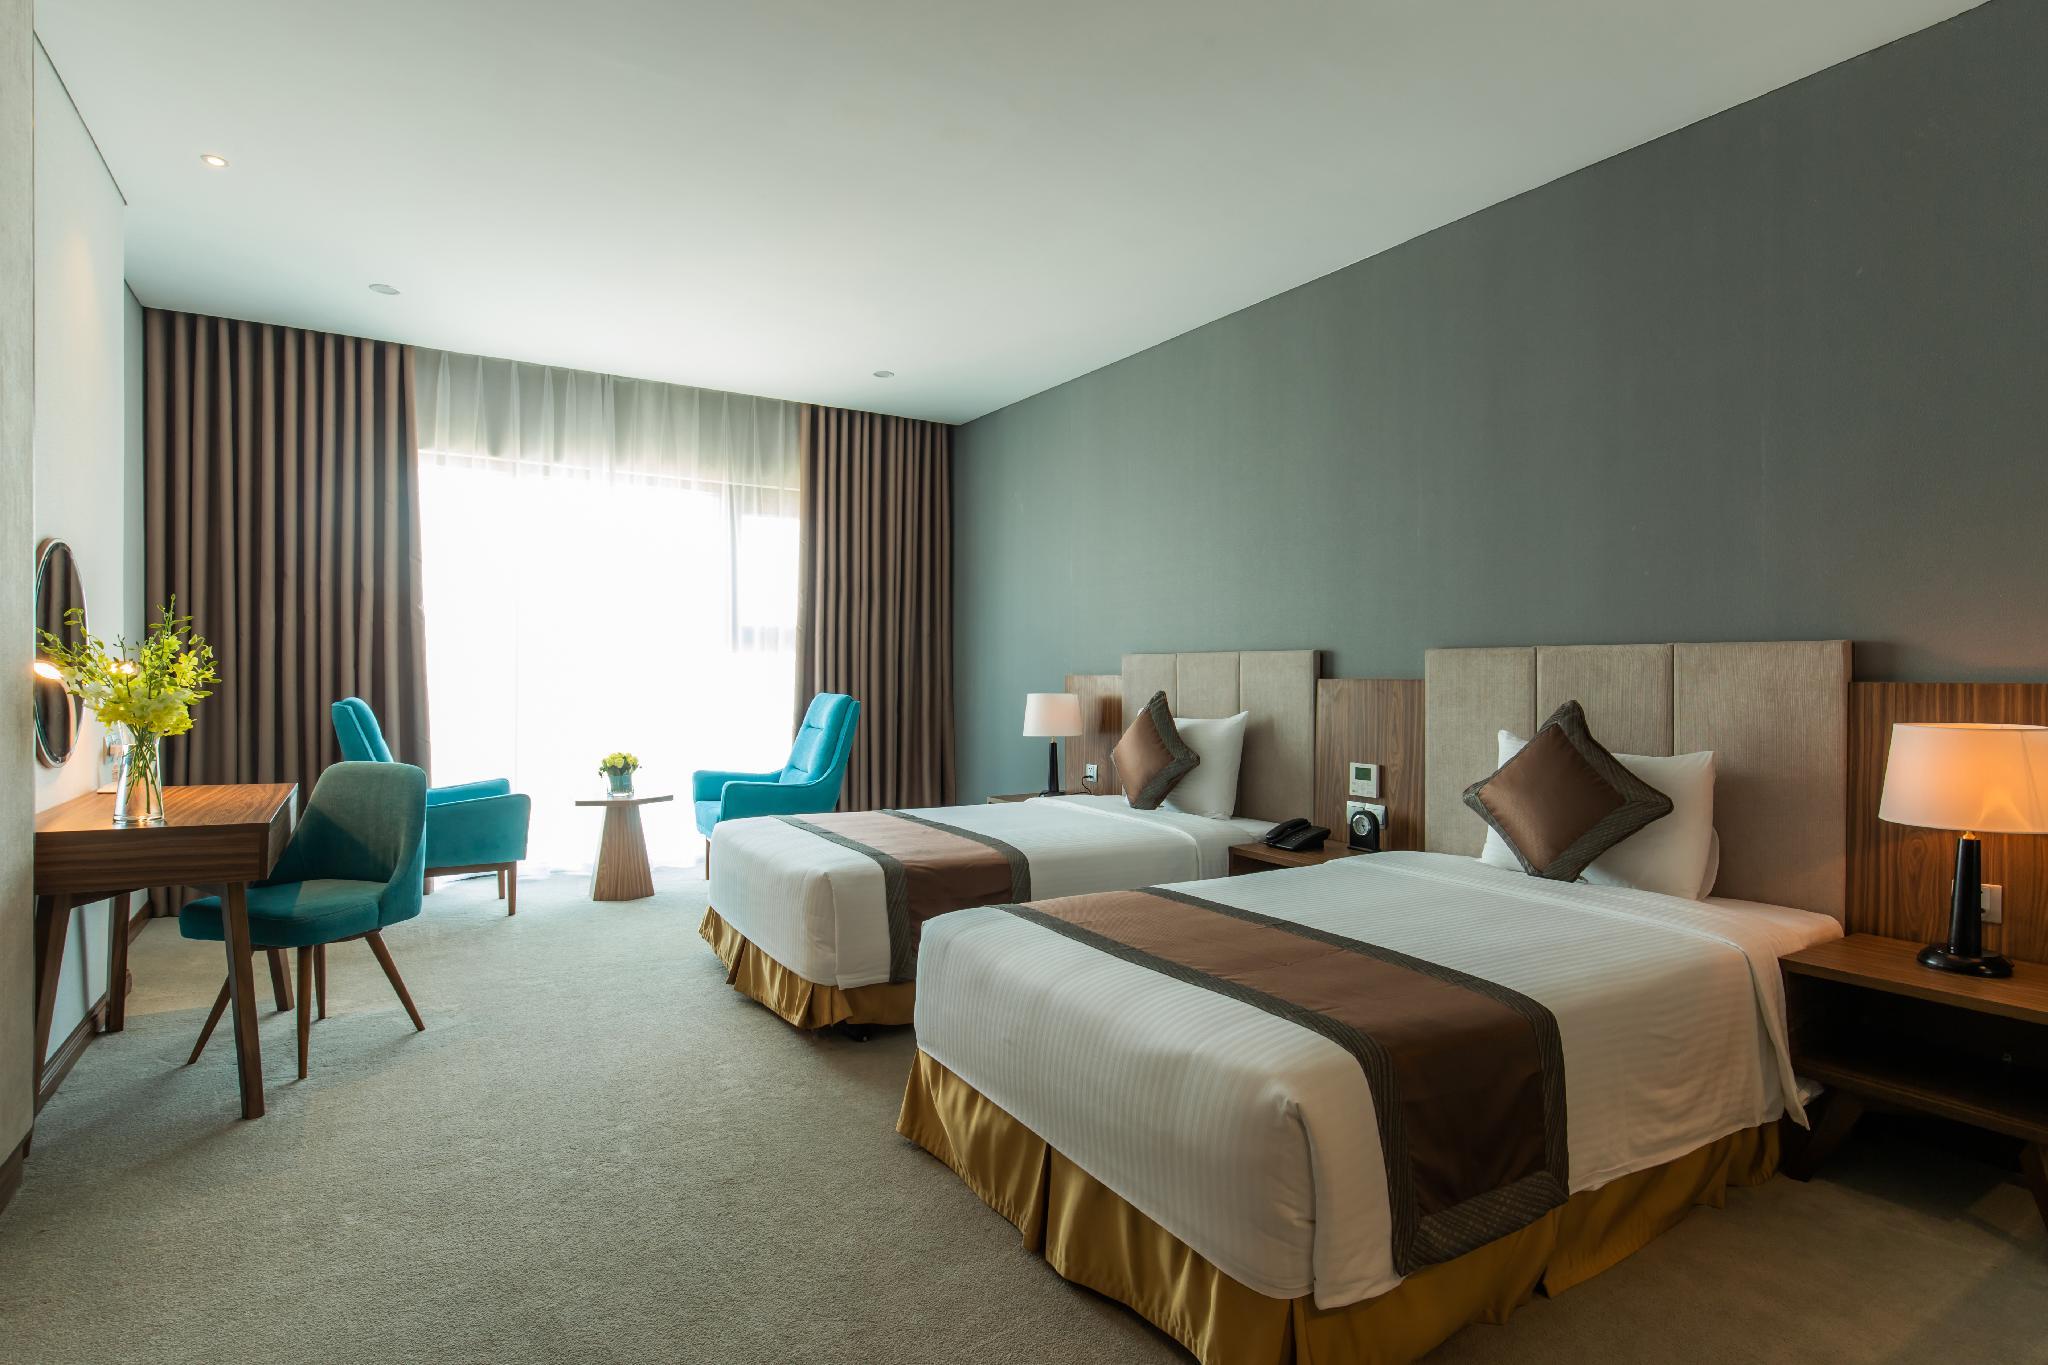 Phòng deluxe 2 người mường thanh luxury viễn triều nha trang